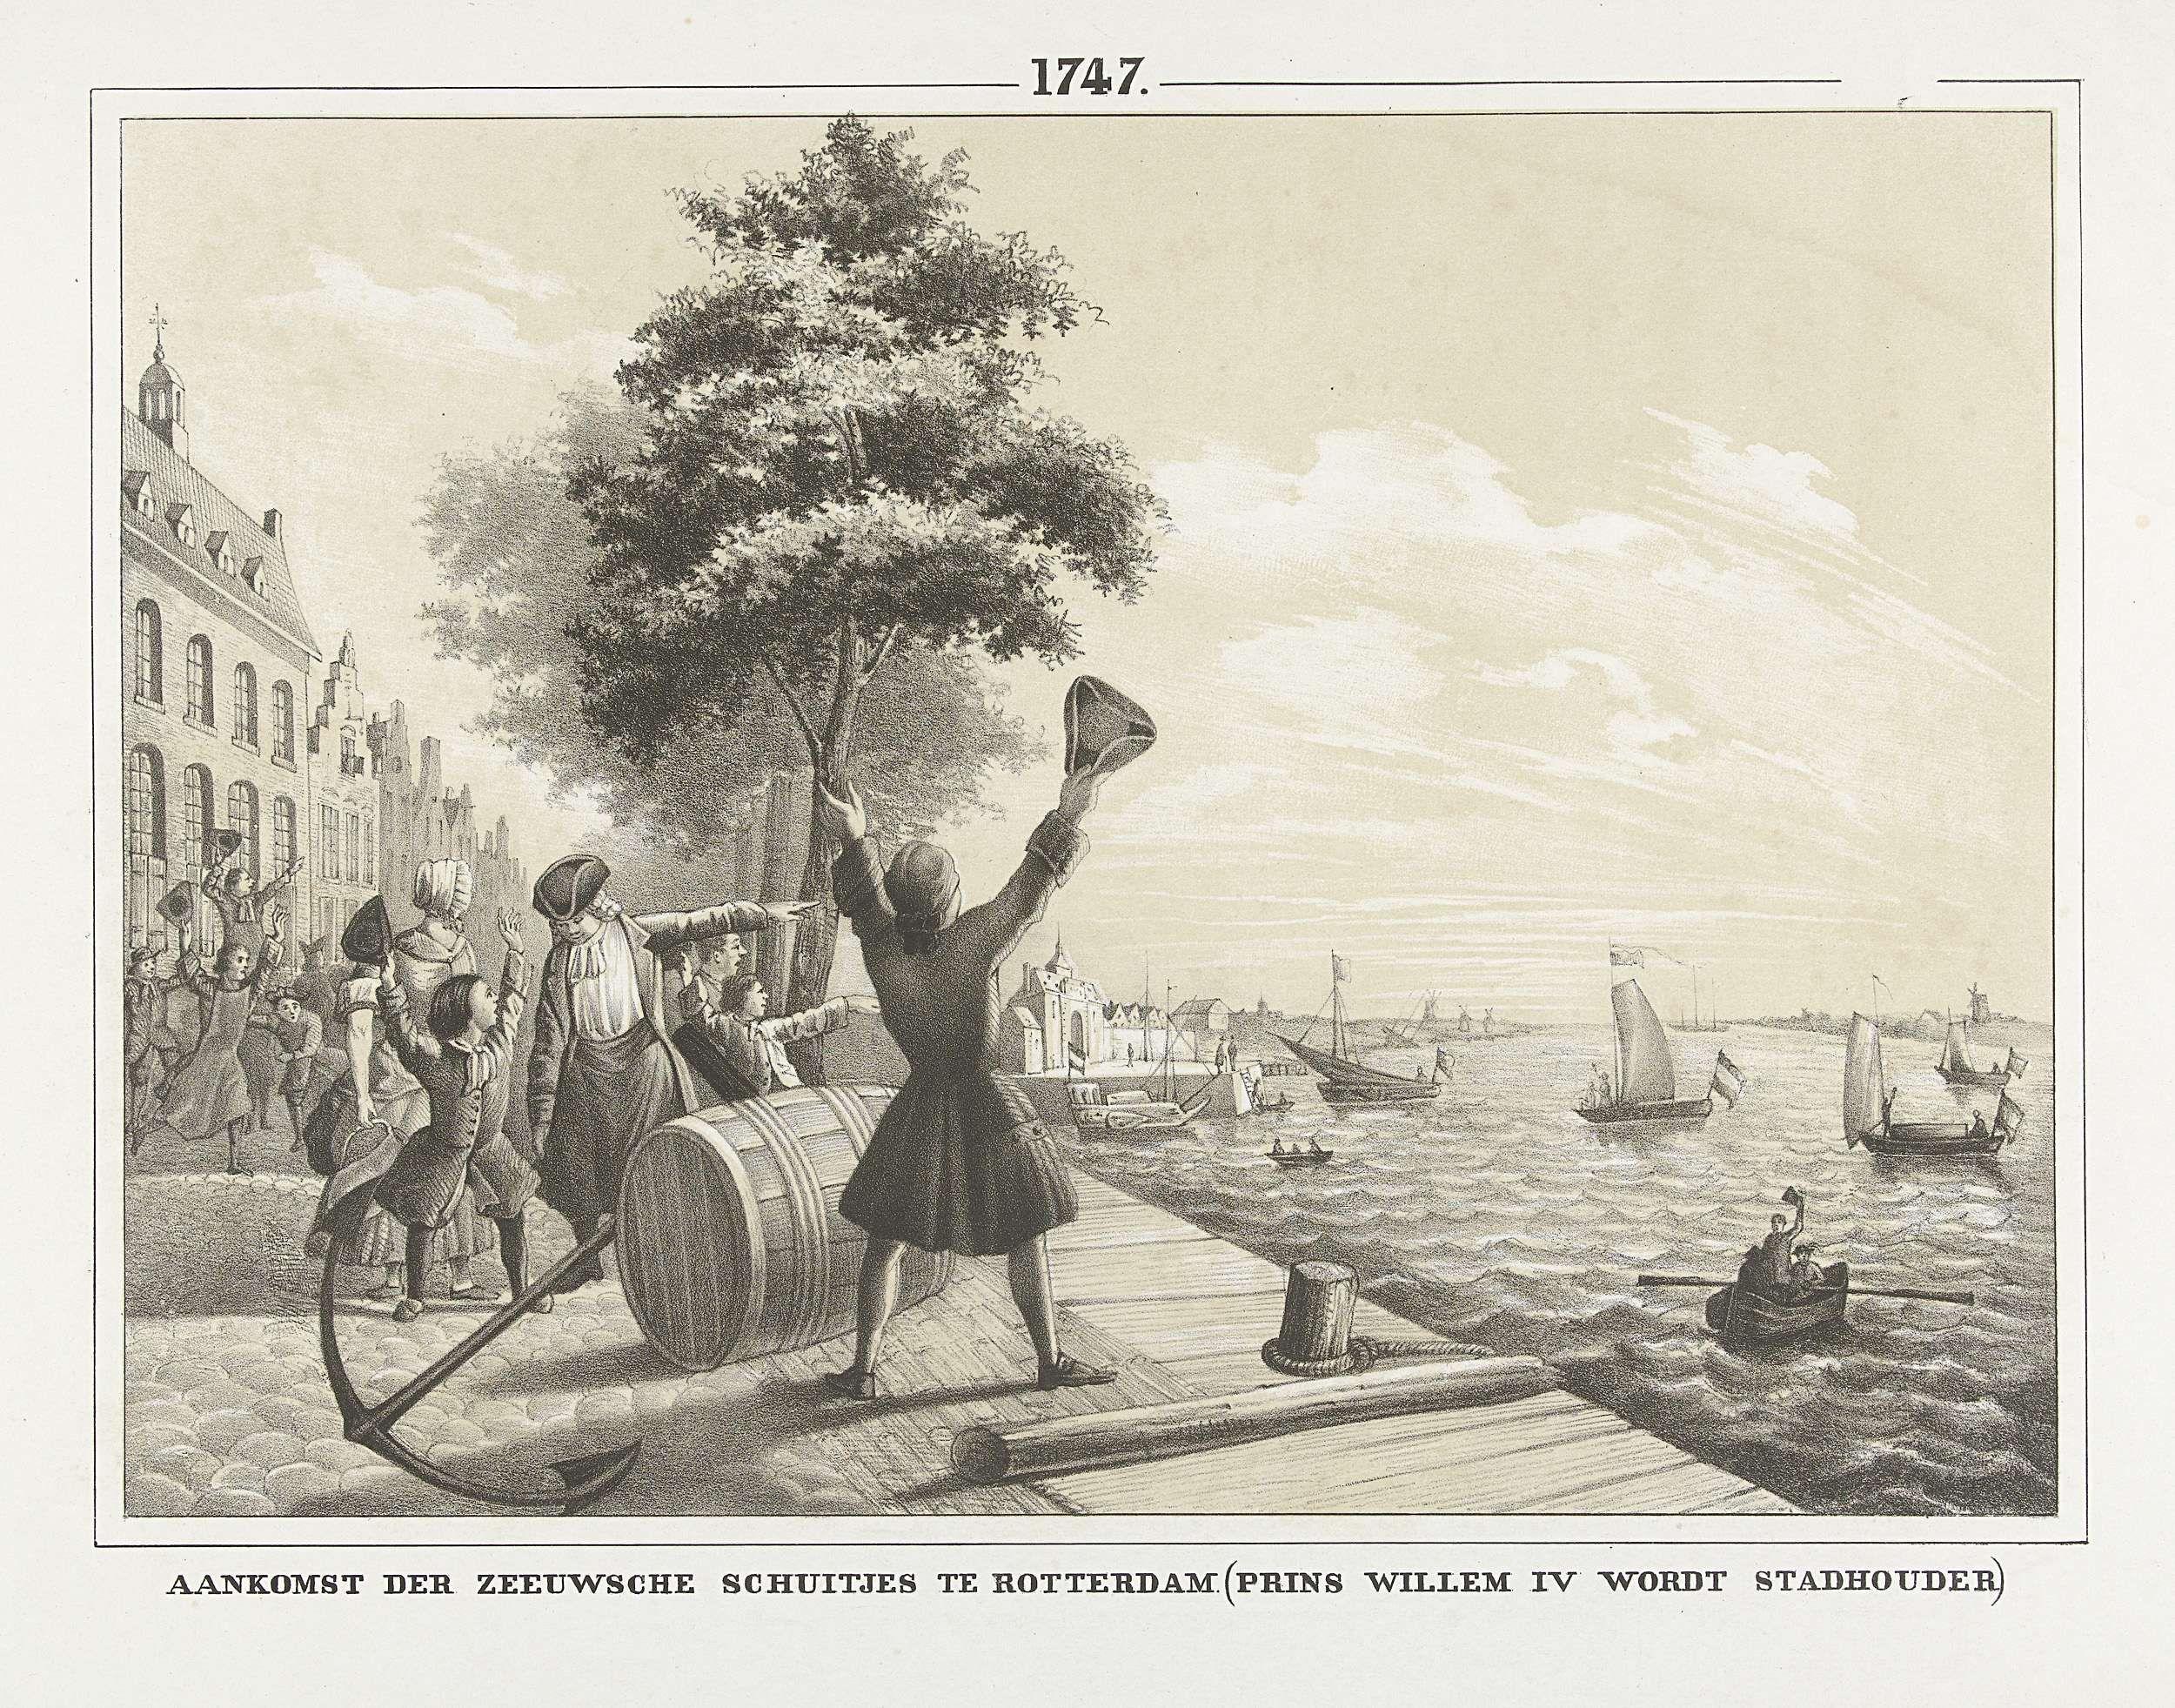 Anonymous | Bekendmaking te Rotterdam van het nieuws van de verheffing van Willem IV tot stadhouder, 1747, Anonymous, 1853 - 1855 | Bekendmaking te Rotterdam van het nieuws van de verheffing van Willem IV tot stadhouder, 1747. Aankomst van boten uit Zeeland wordt op de kade toegejuicht.